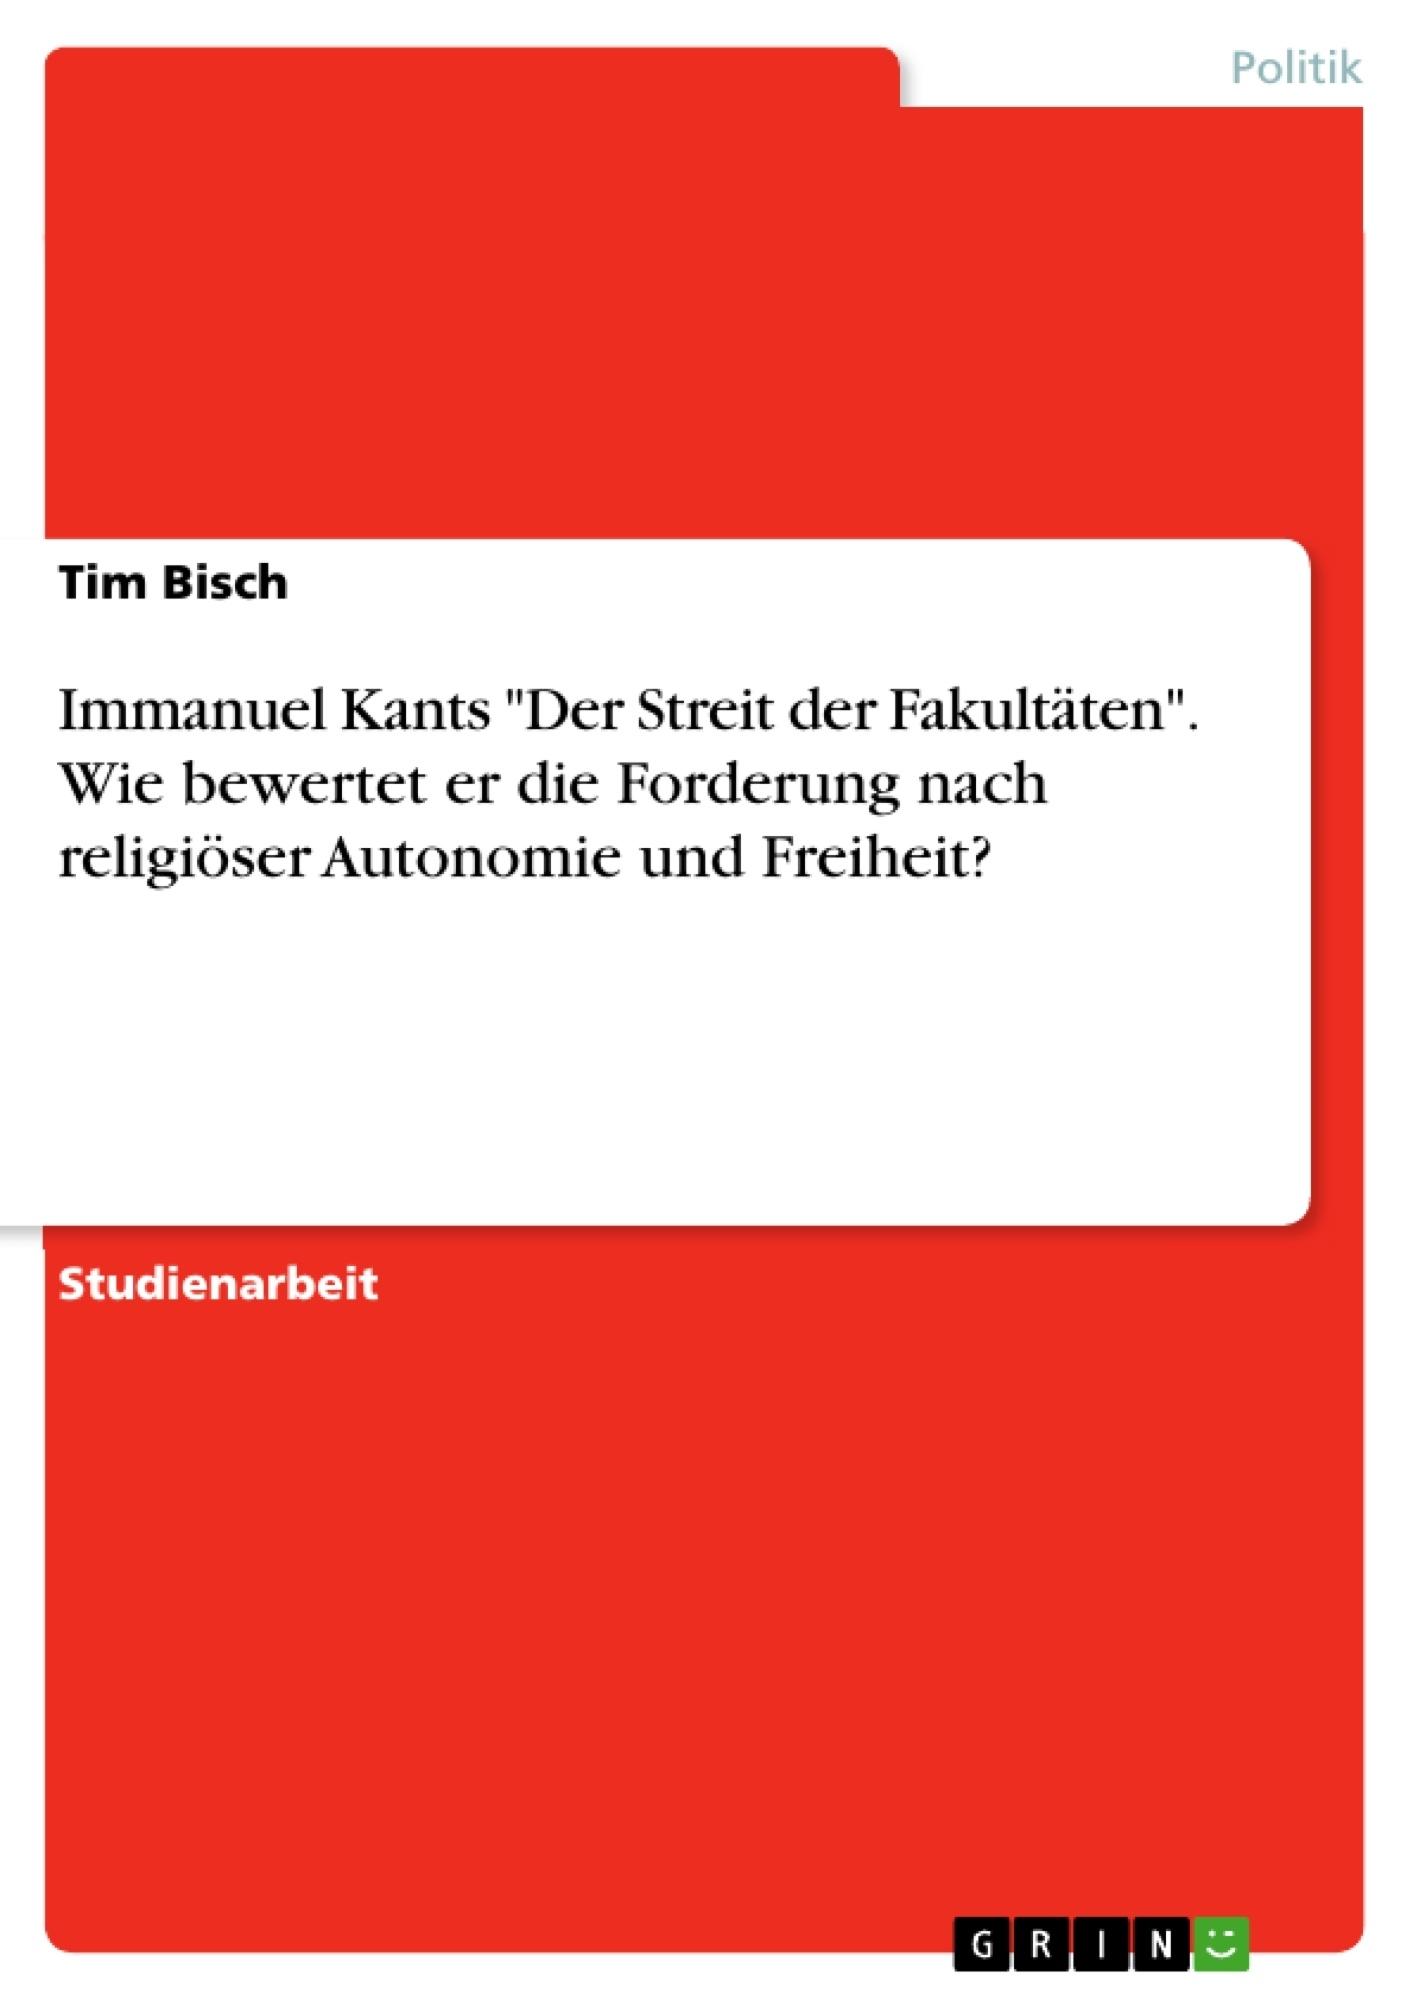 """Titel: Immanuel Kants """"Der Streit der Fakultäten"""". Wie bewertet er die Forderung nach religiöser Autonomie und Freiheit?"""